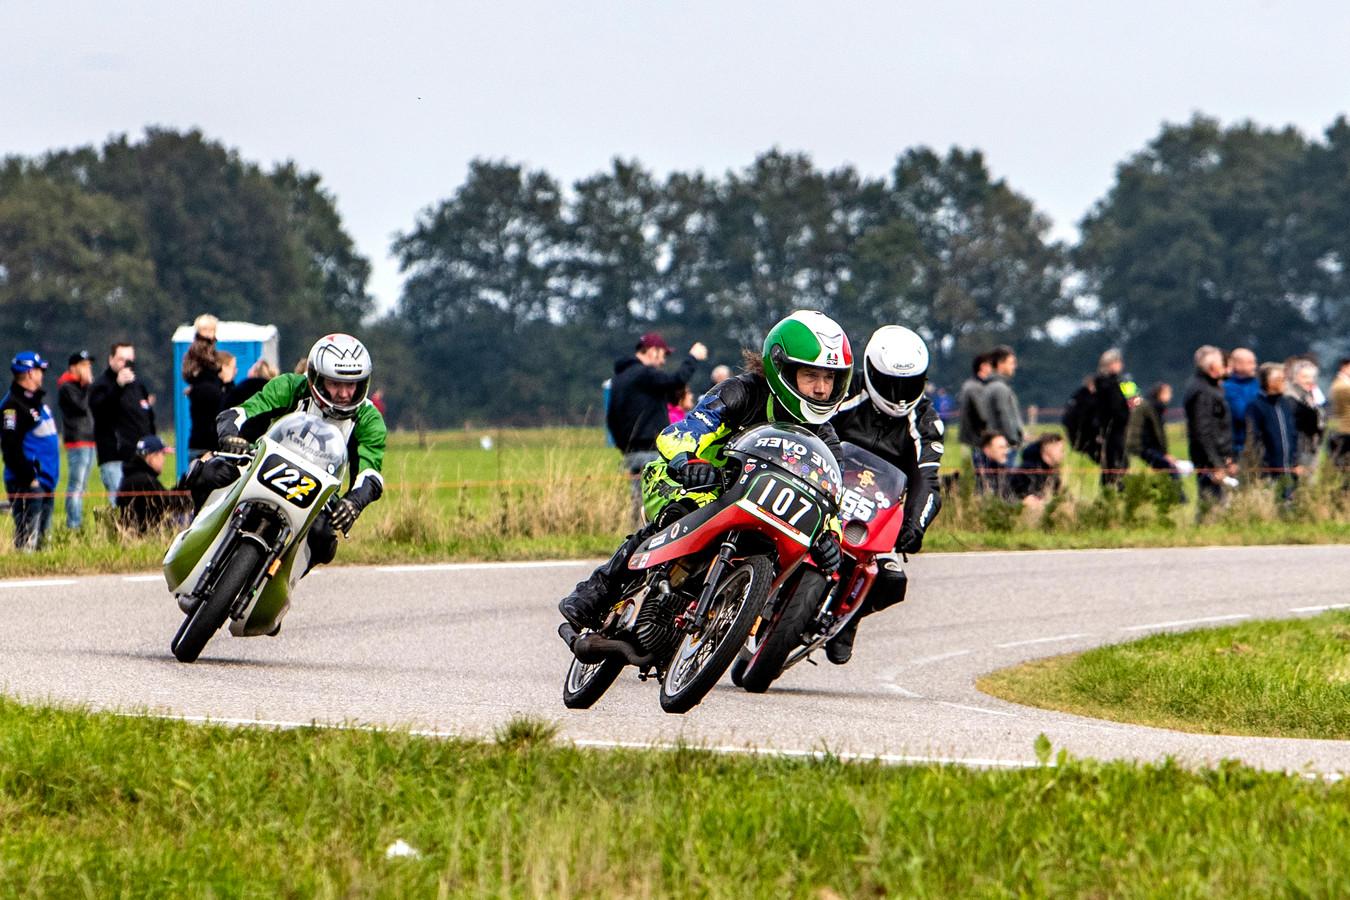 Manche 1 van de 125cc klasse tijdens de Classic Race Demonstratie Luttenbergring.